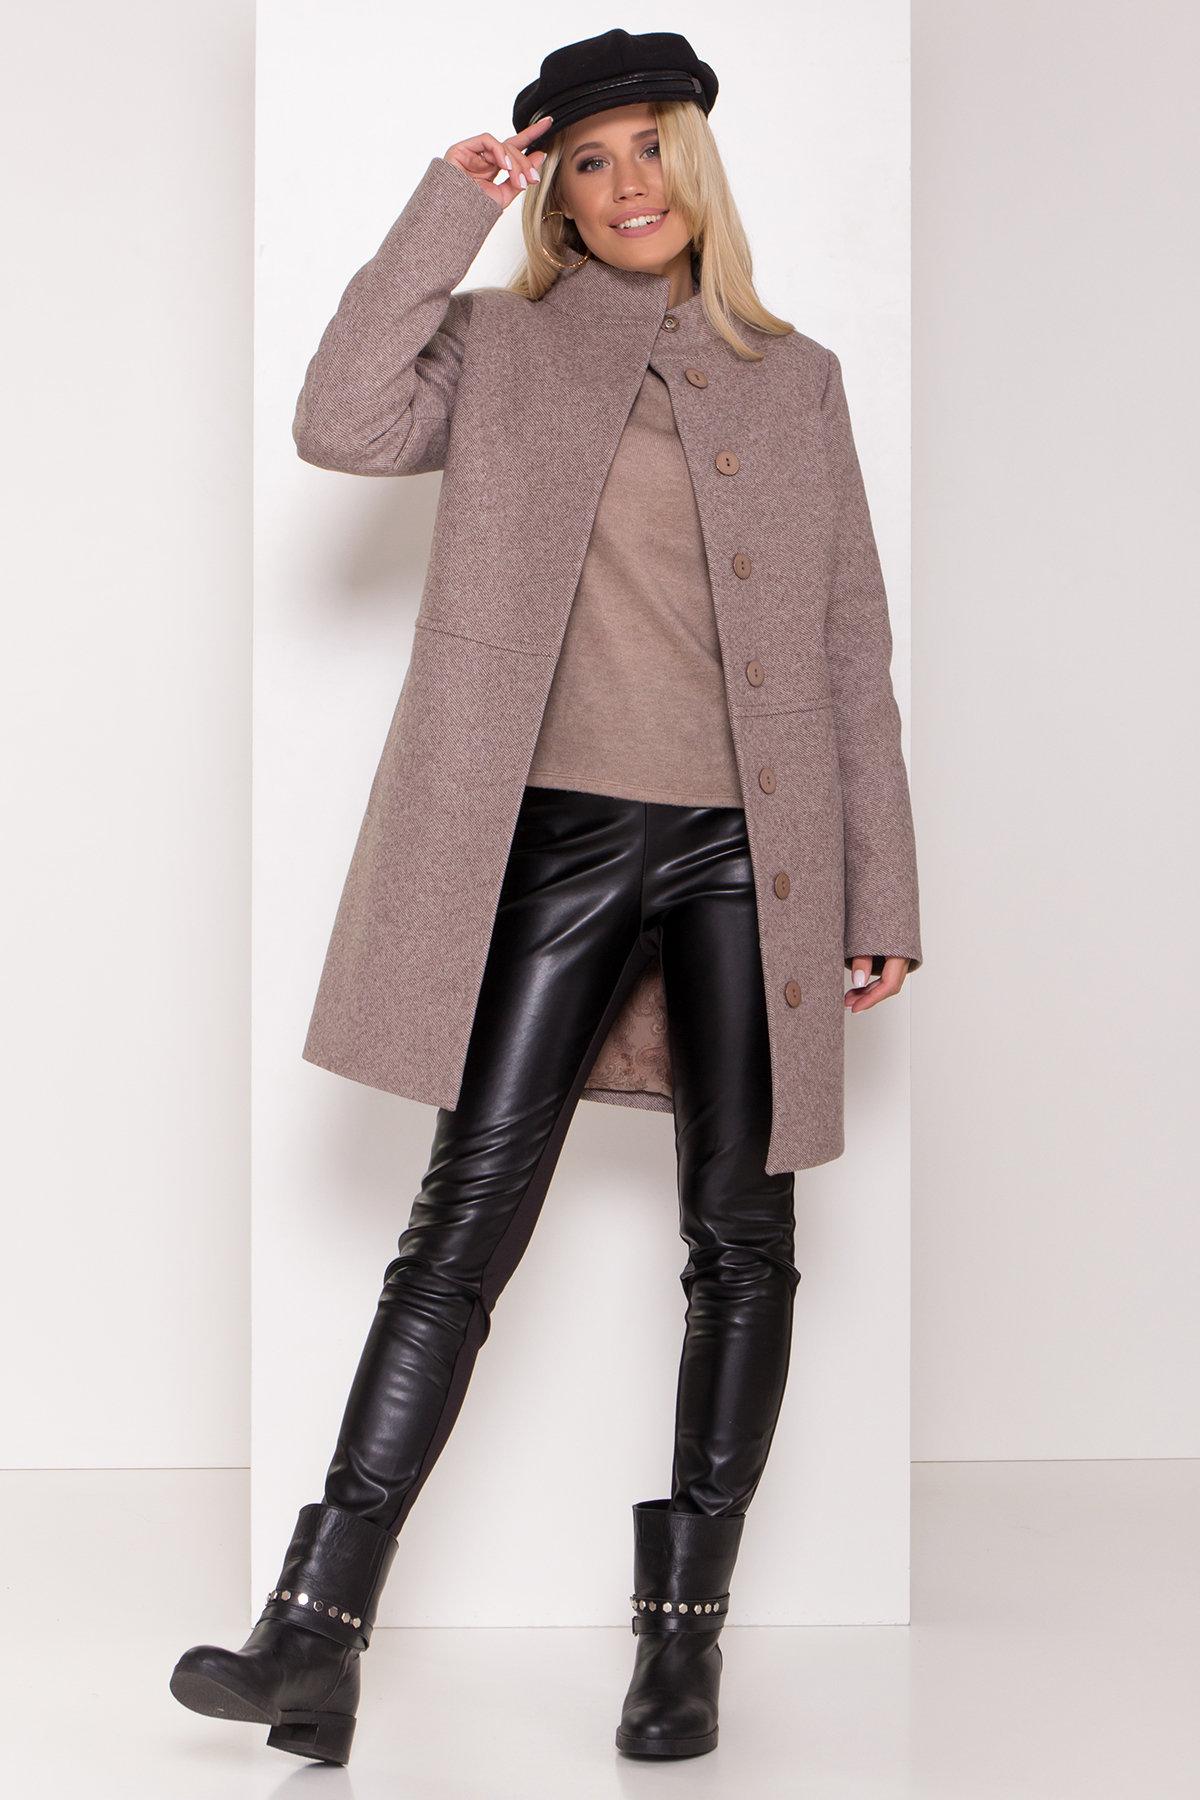 Зимнее пальто со снудом Габи 8205 АРТ. 44220 Цвет: Шоколадный меланж - фото 2, интернет магазин tm-modus.ru